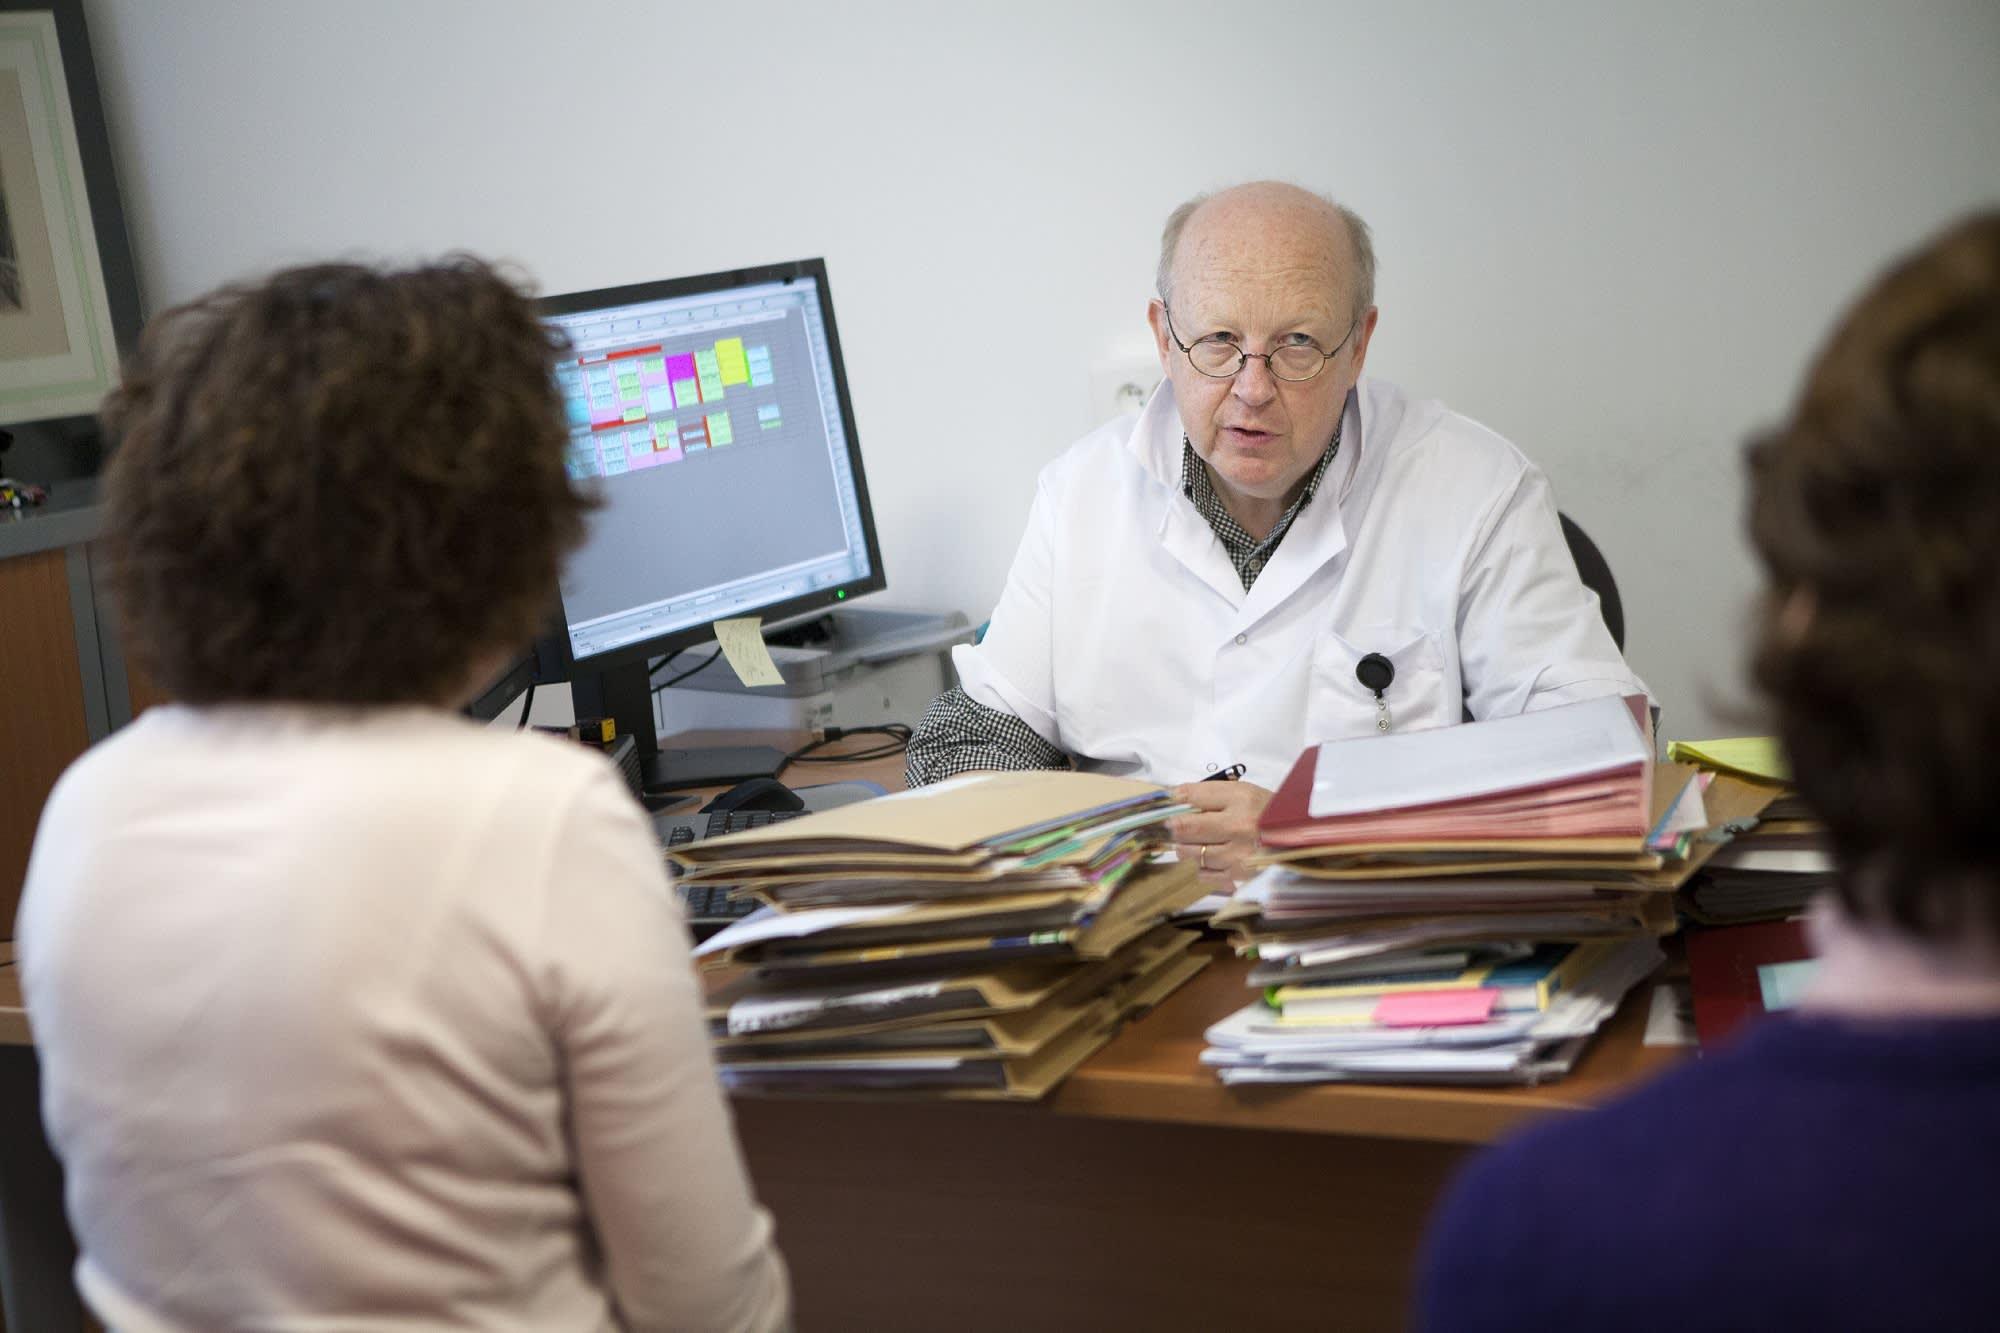 104310036 doctor paperwork jpg?v=1529474341.